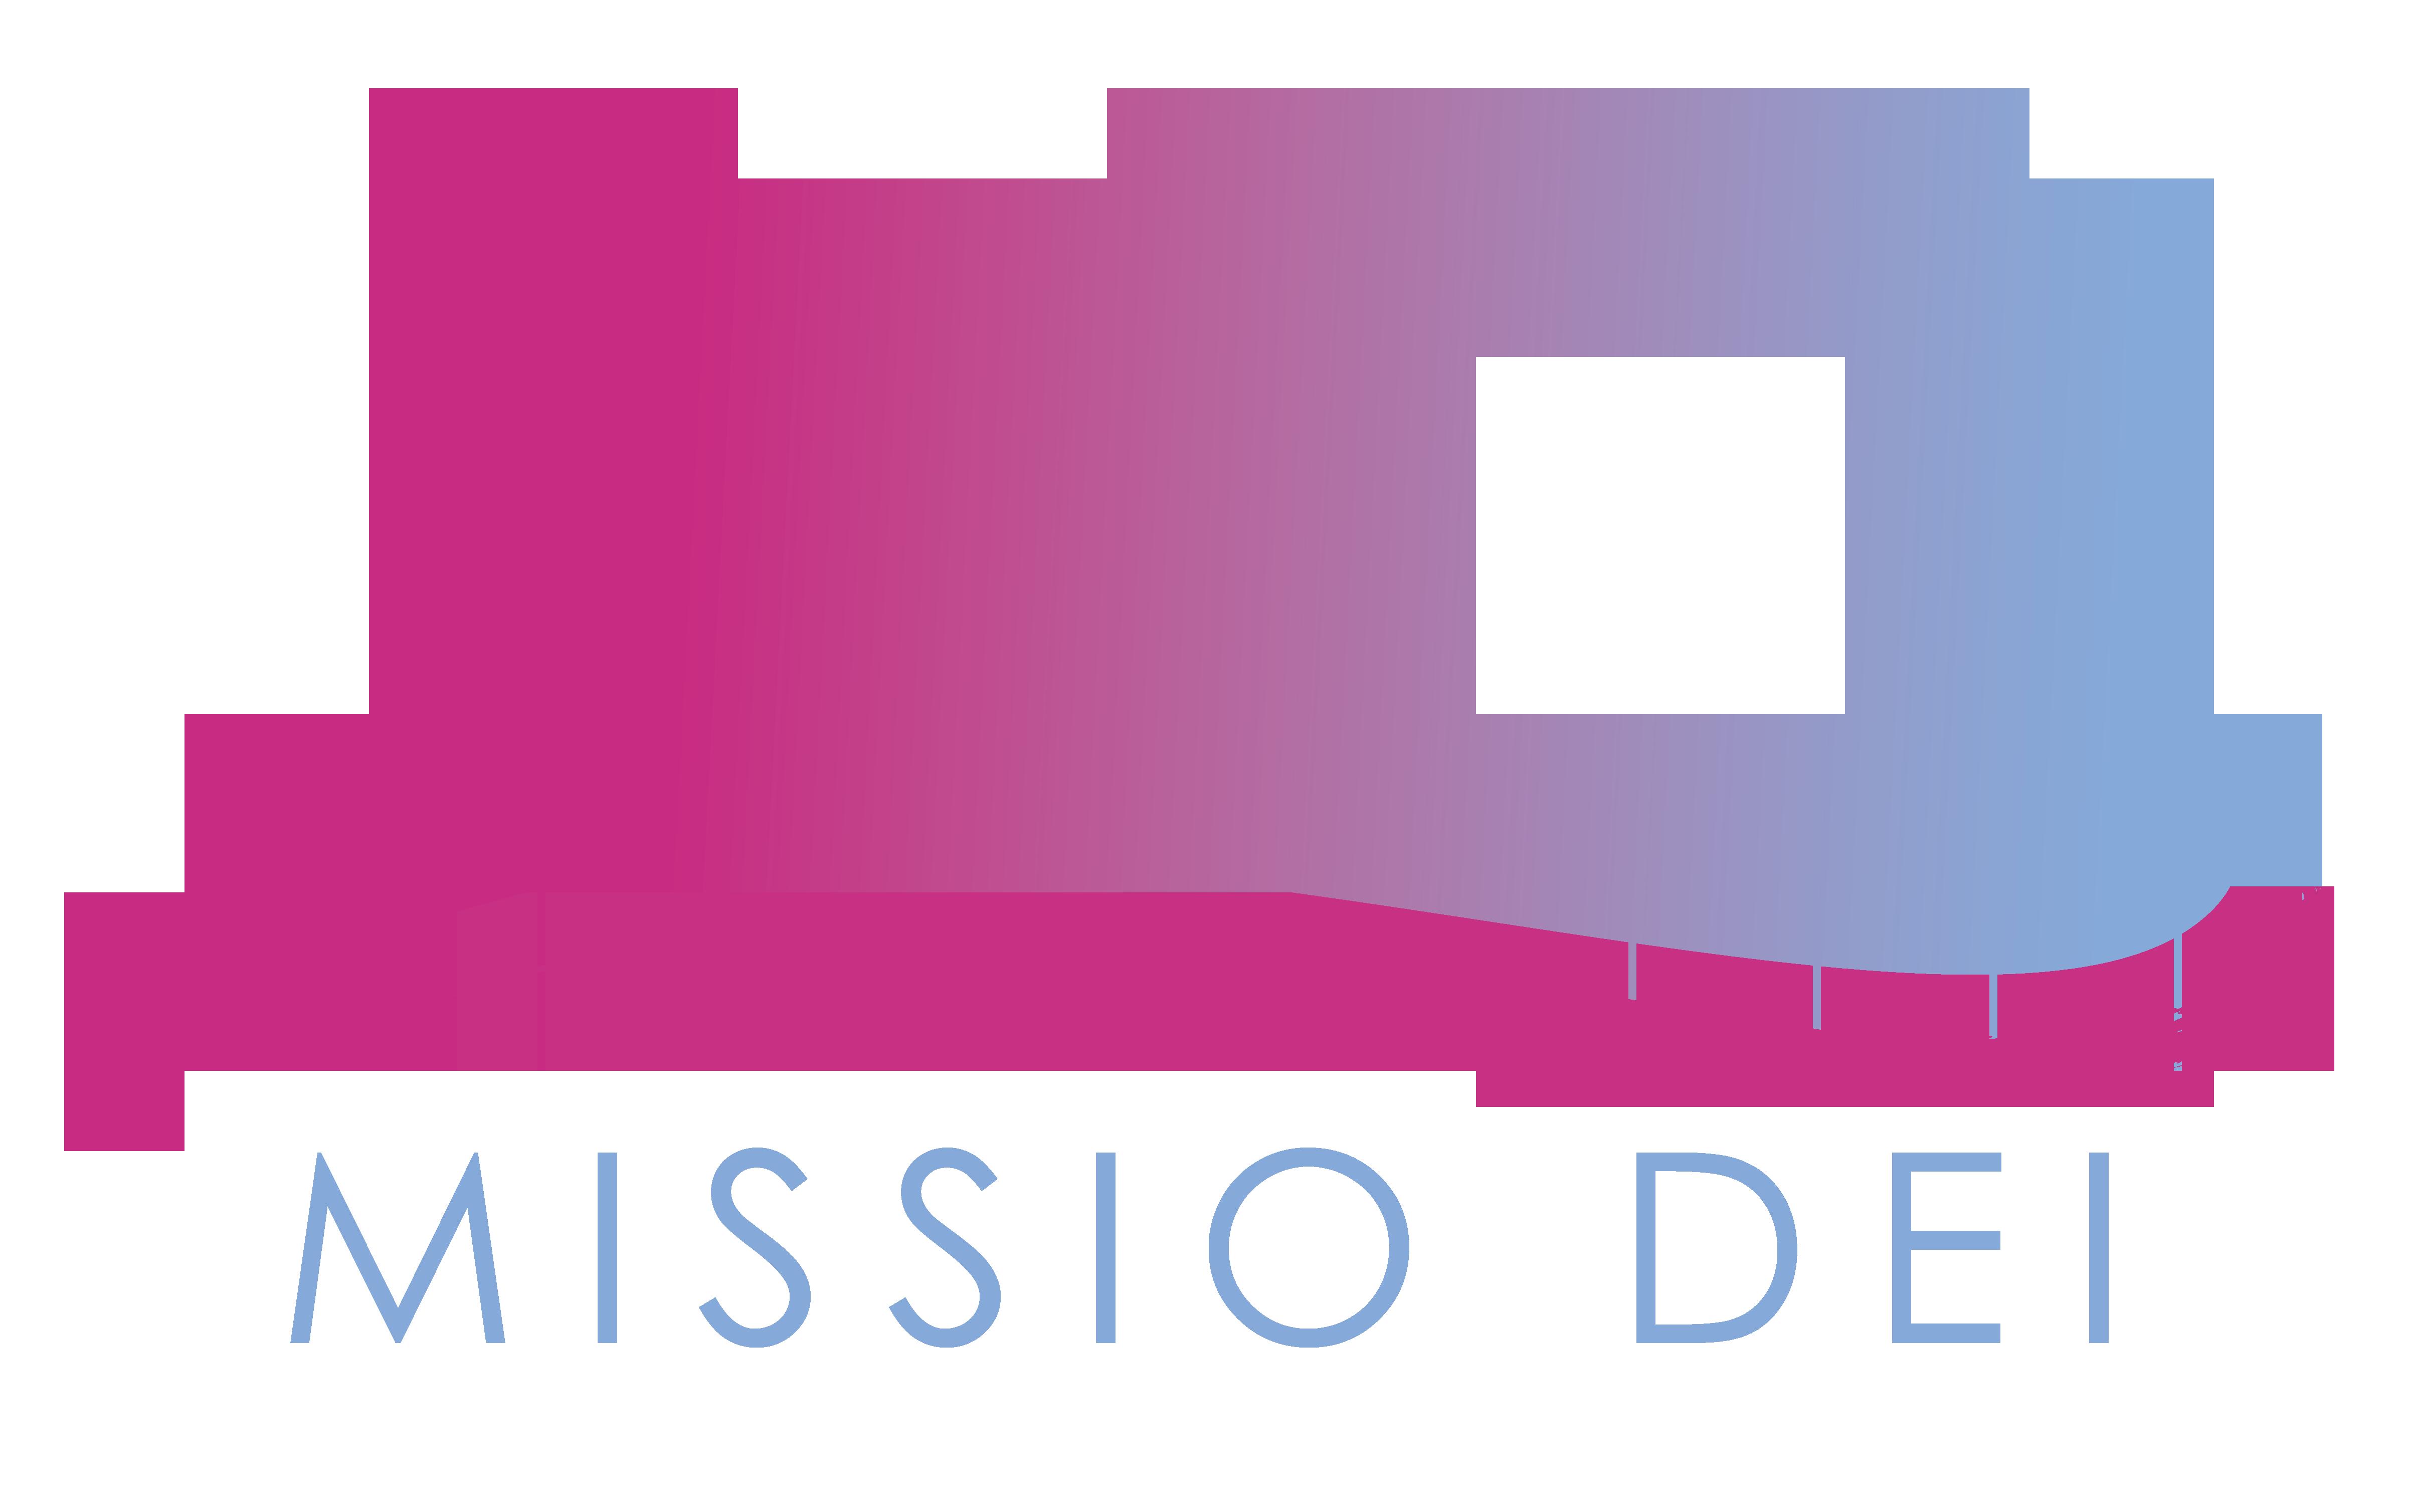 Missio Dei CDC